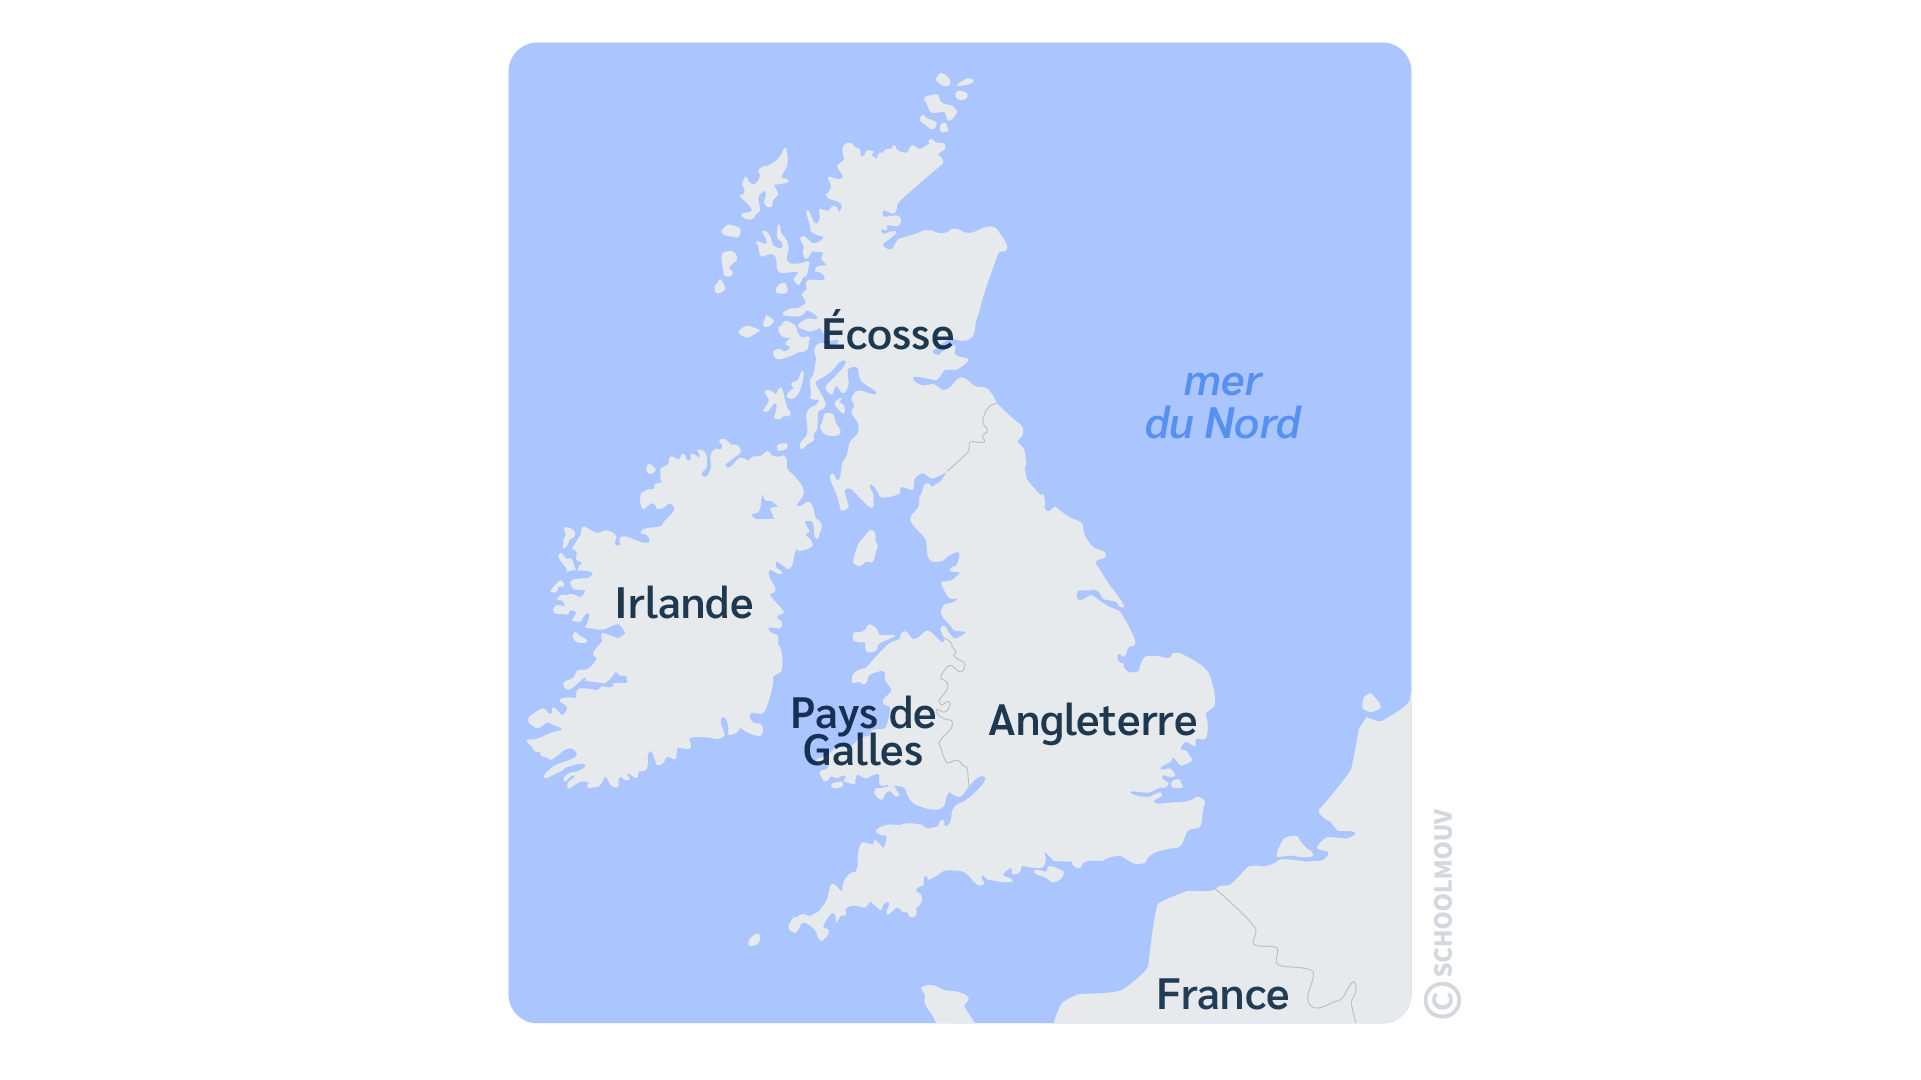 îles Irlande Écosse Angleterre Pays de Galles anglais